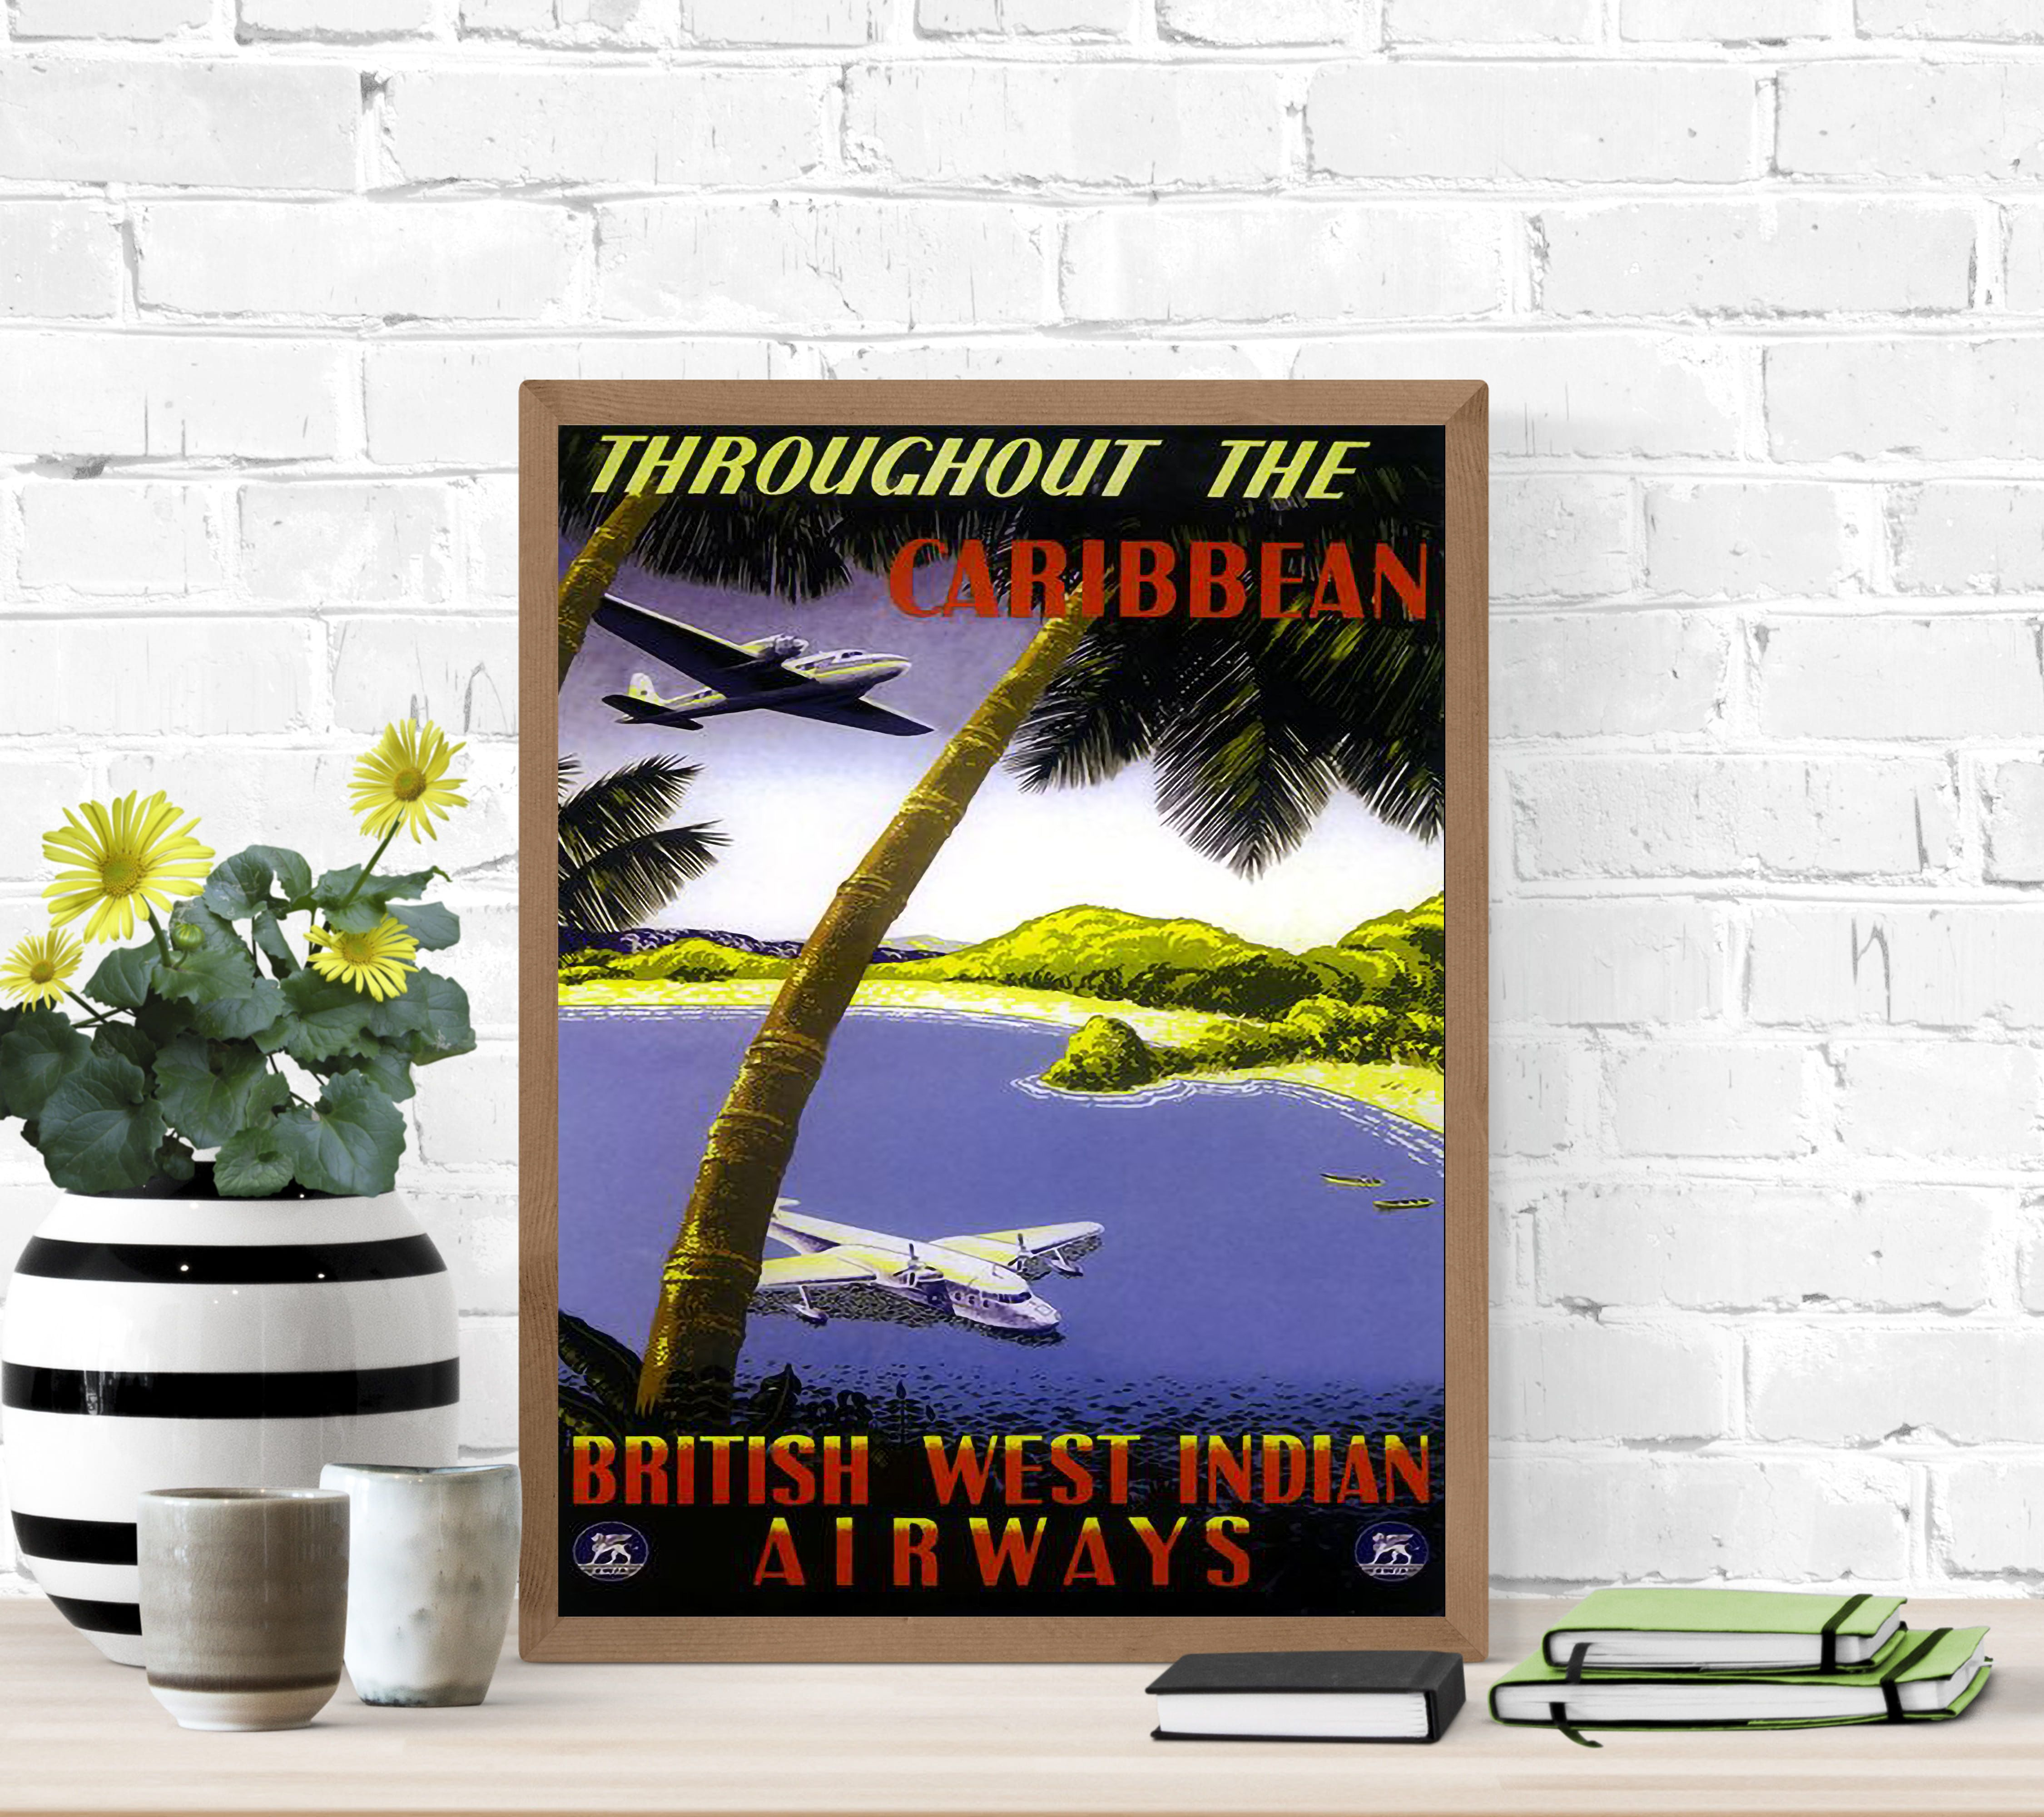 Throughout The Caribbean Vintage Travel Poster Poster Von Stickart Marek In 2020 Grusskarte Poster Kunstdruck